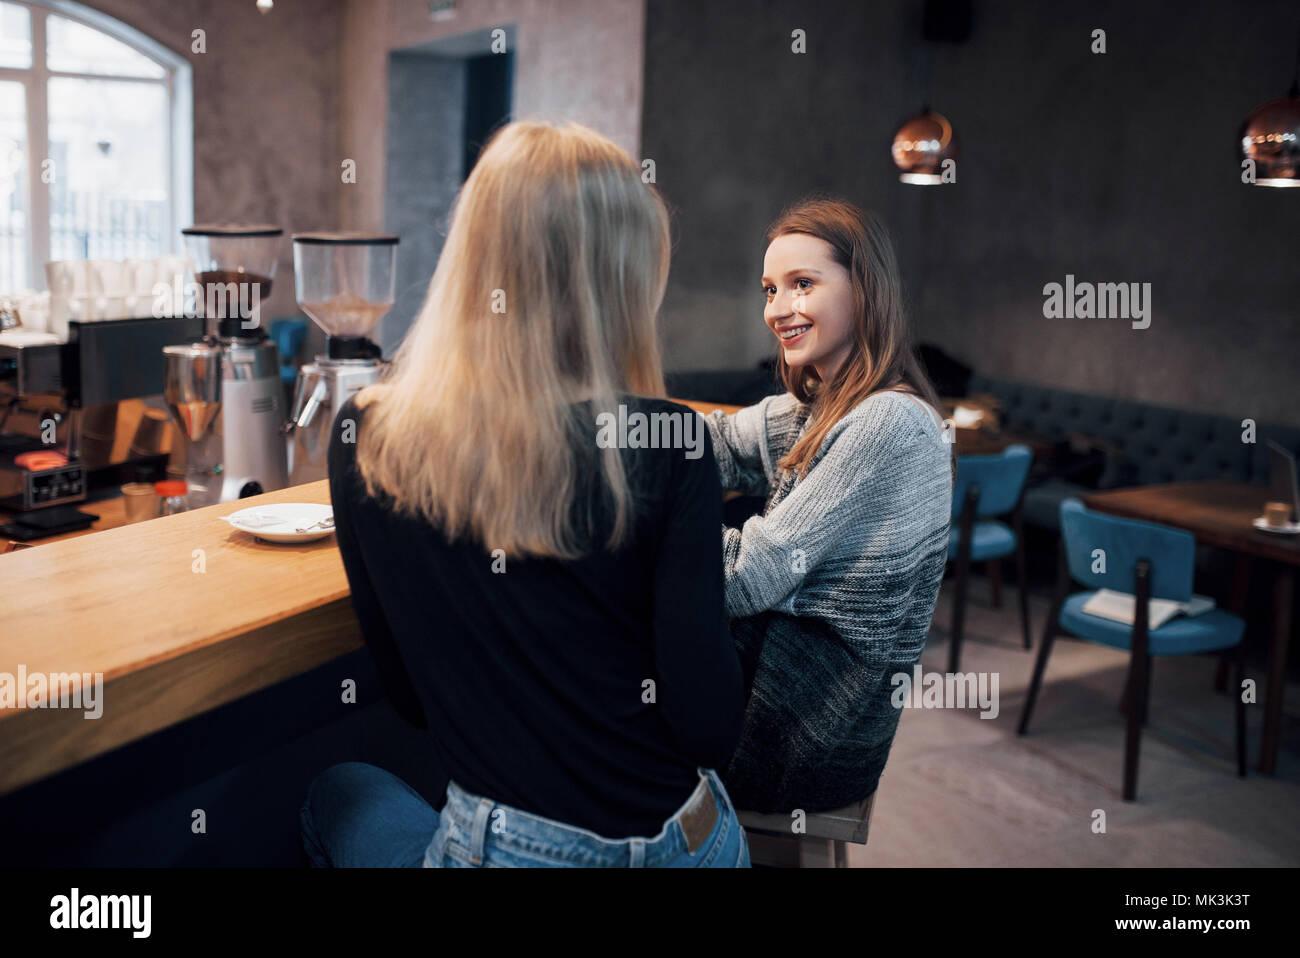 Deux amis appréciant café ensemble dans un café, assis à une table à discuter Photo Stock